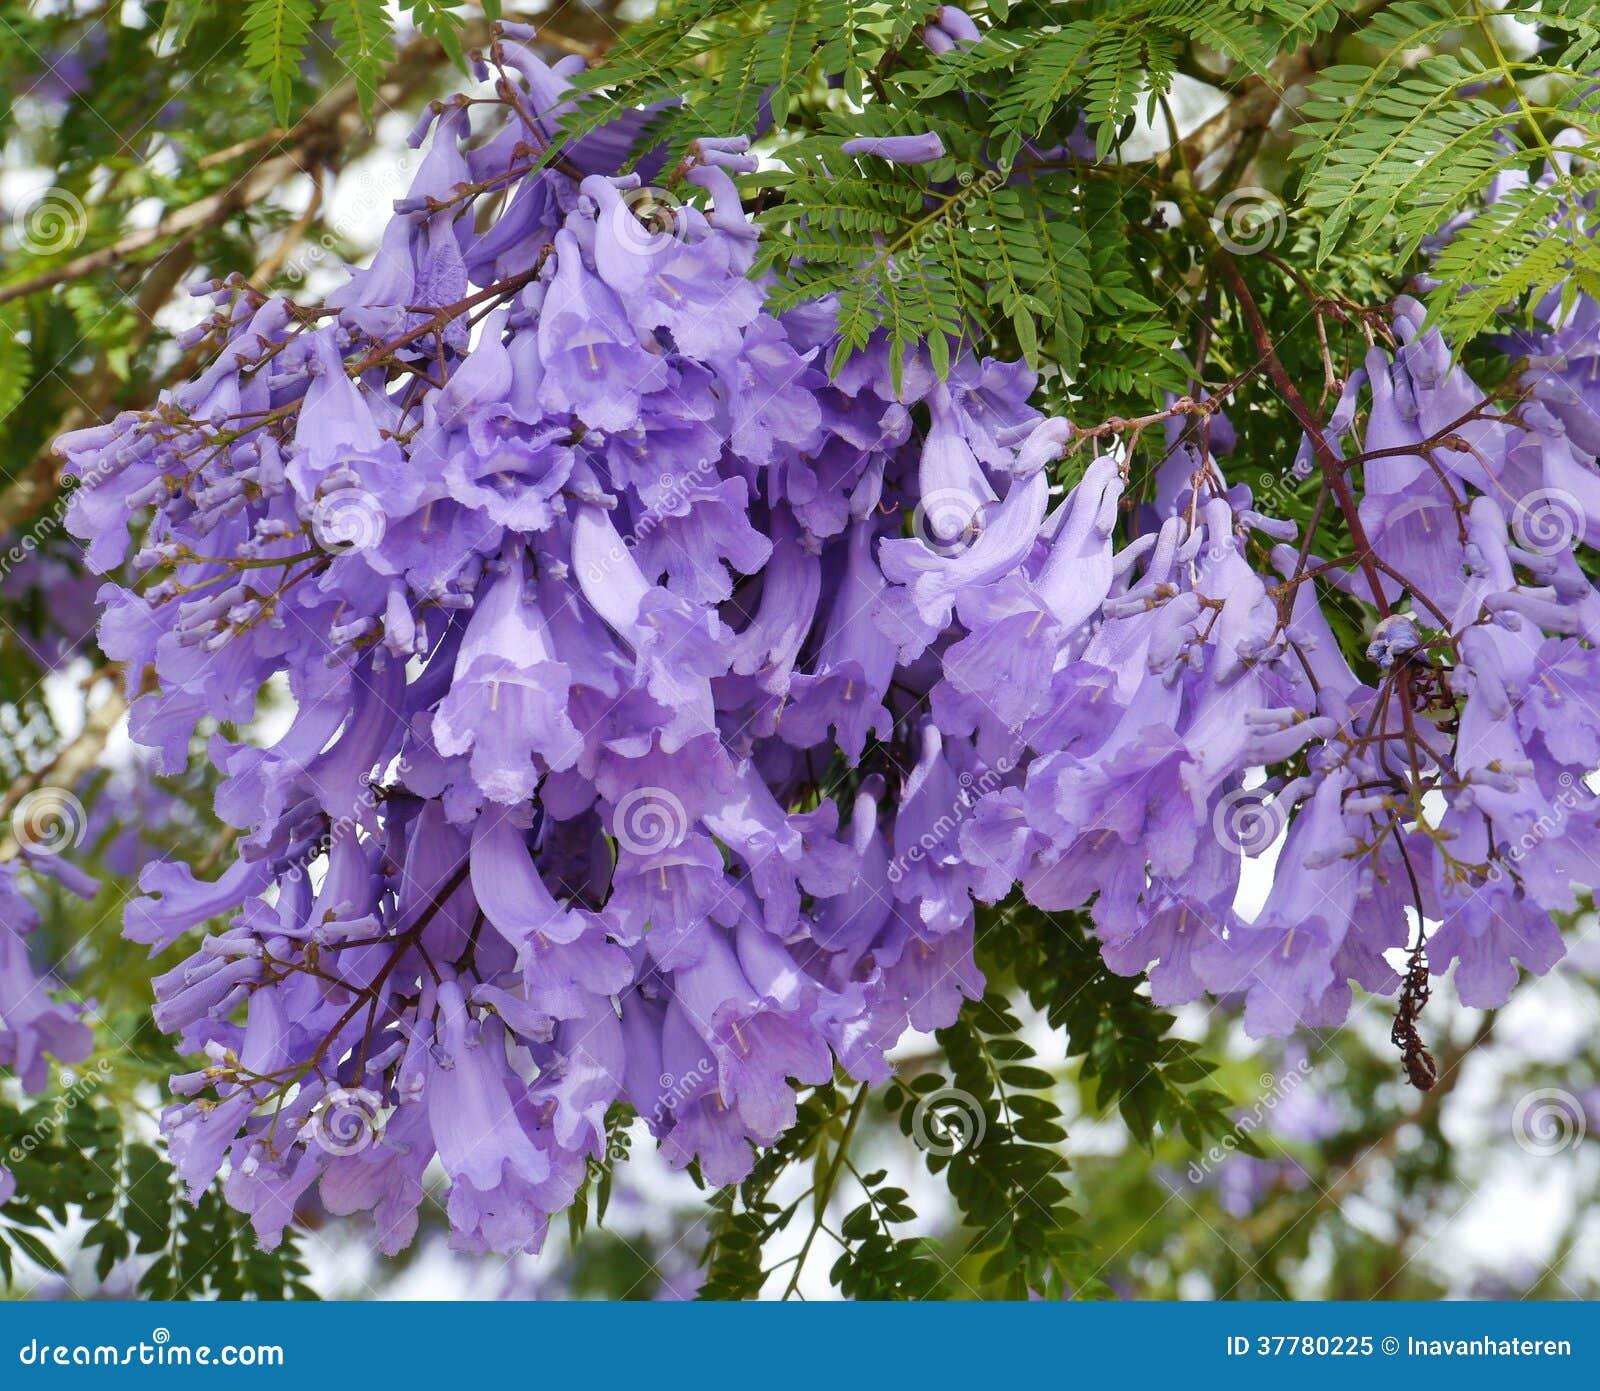 fleurs de trompette violettes dans un arbre photo libre de droits image 37780225. Black Bedroom Furniture Sets. Home Design Ideas